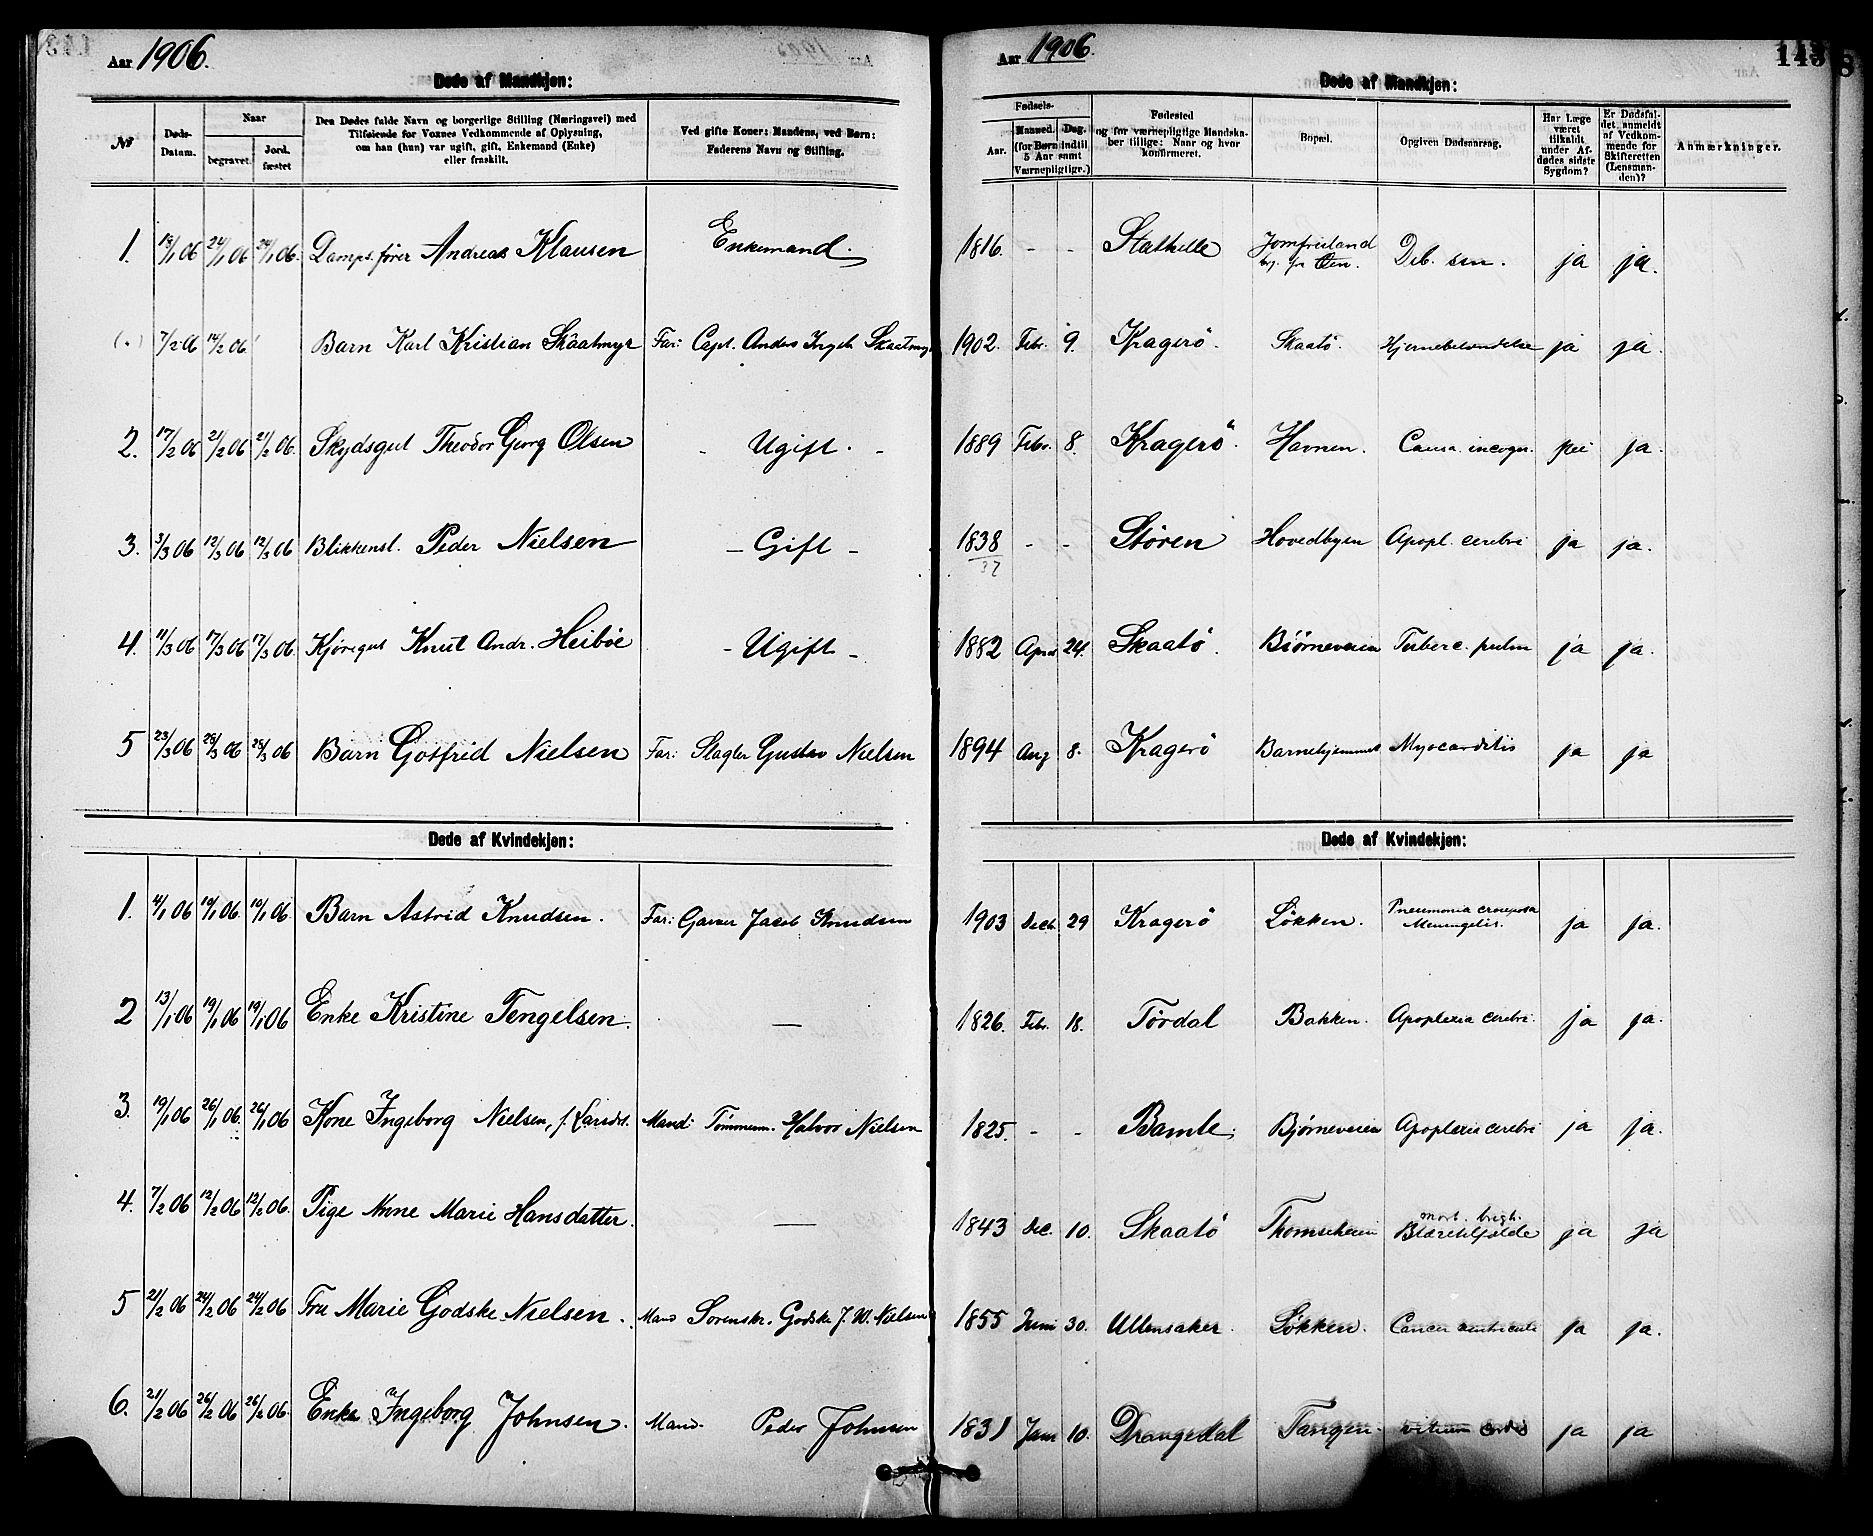 SAKO, Kragerø kirkebøker, G/Ga/L0008: Klokkerbok nr. 8, 1881-1914, s. 143